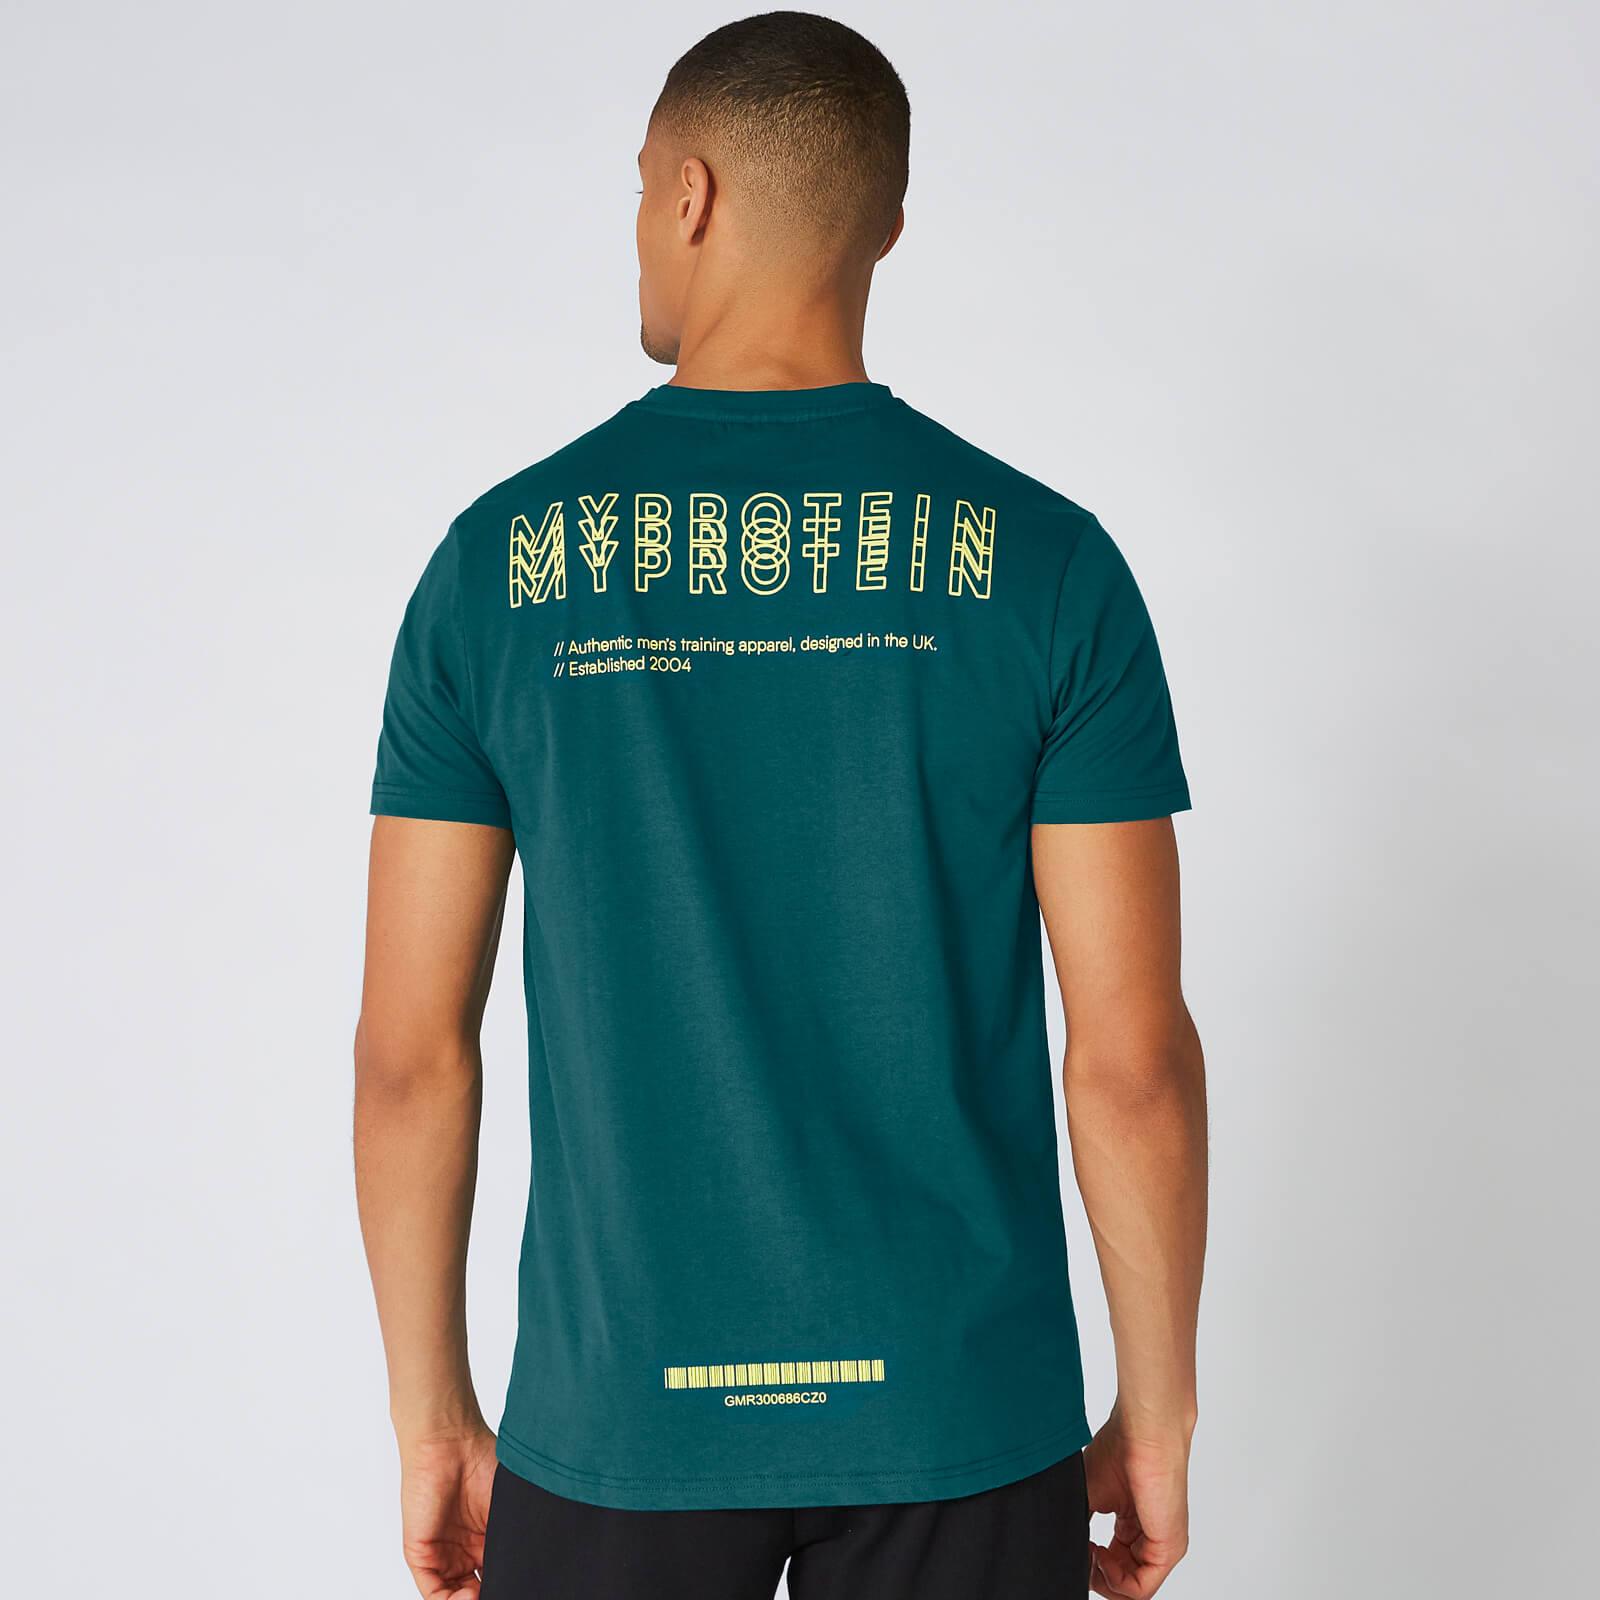 Myprotein Graphic T-Shirt - Alpine - M